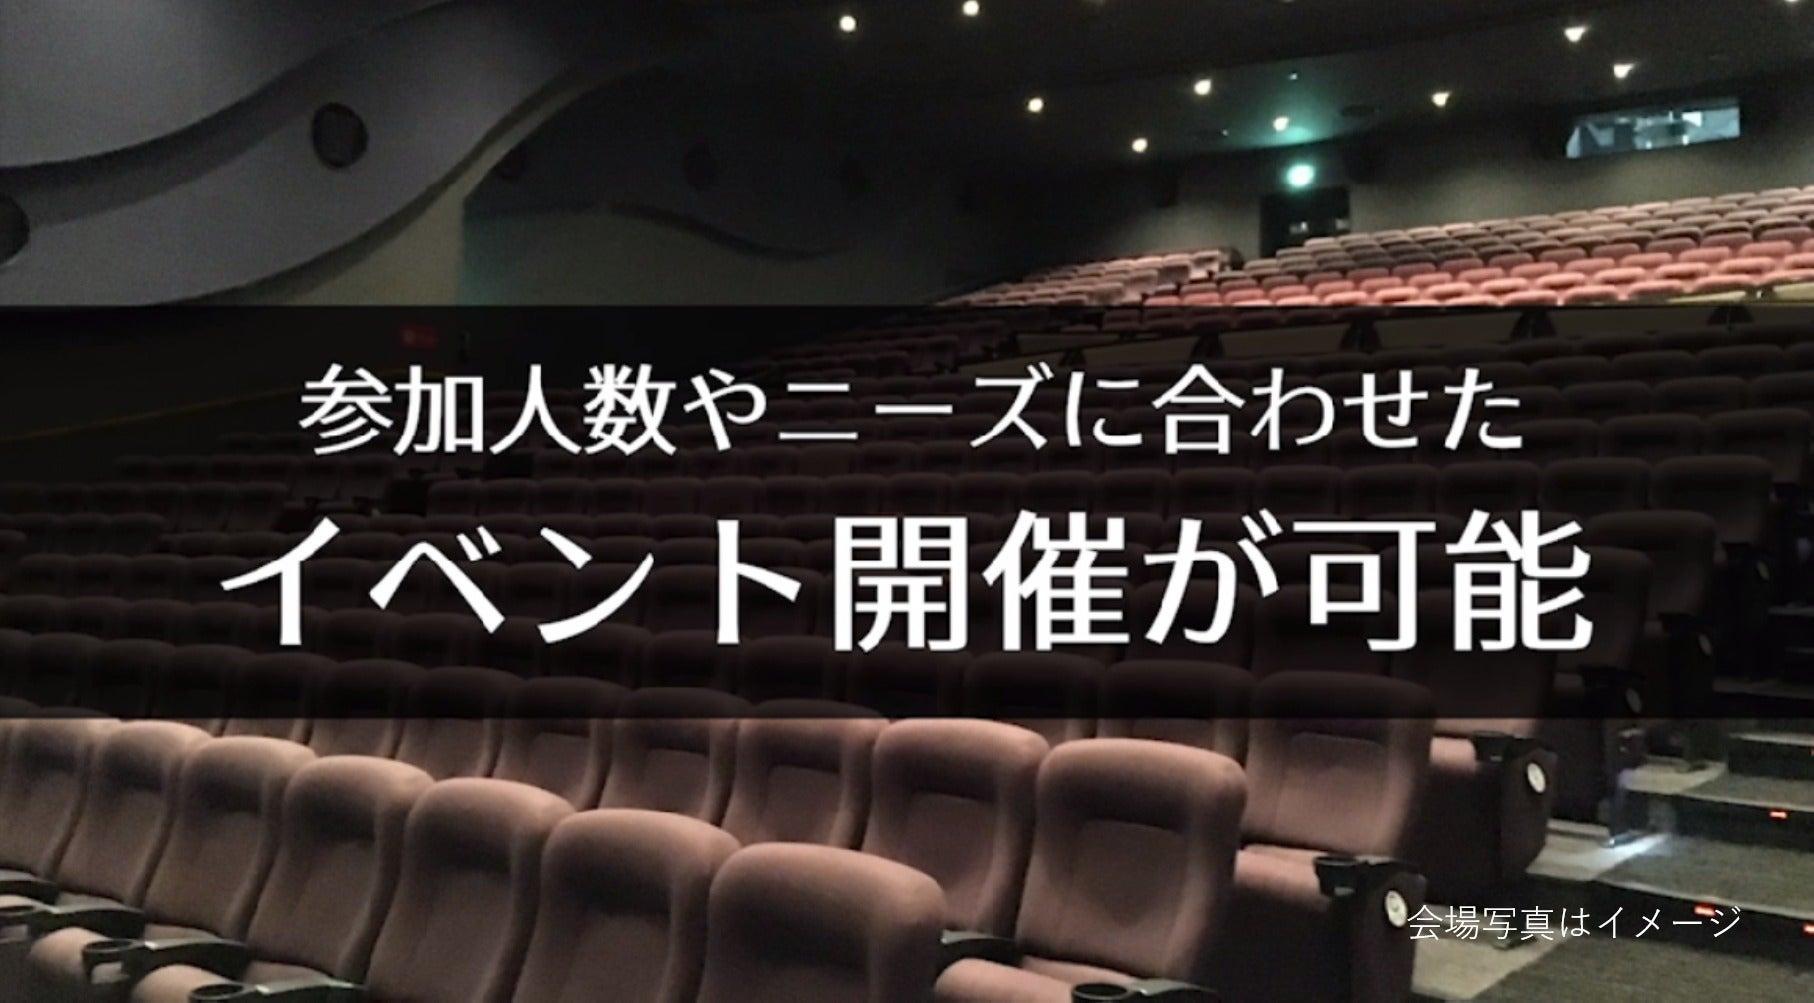 【大津 110席】映画館で、会社説明会、株主総会、講演会の企画はいかがですか?(ユナイテッド・シネマ大津) の写真0